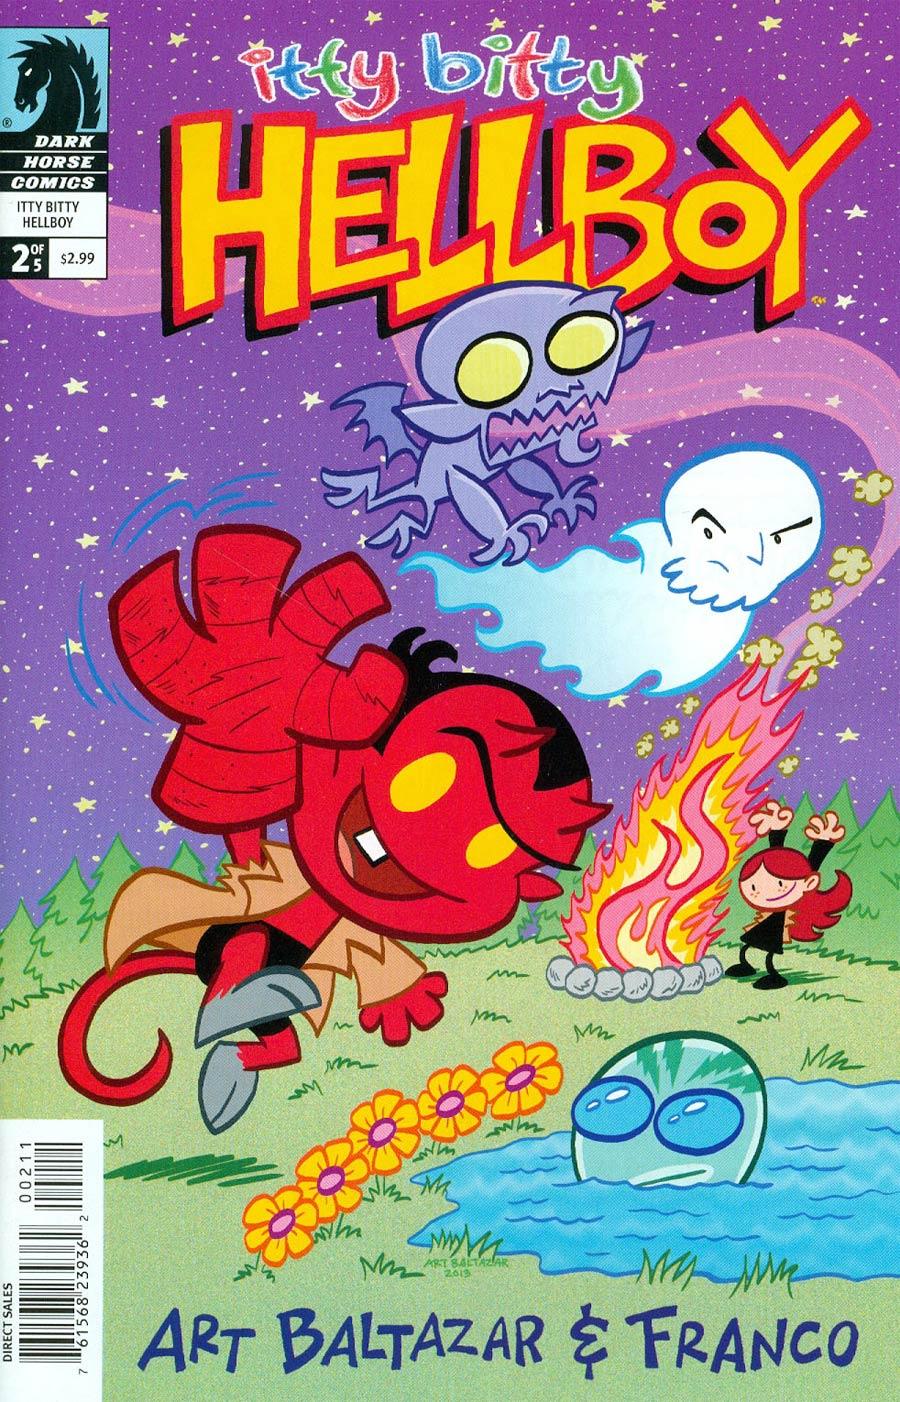 Itty Bitty Hellboy #2 Cover A Art Baltazar